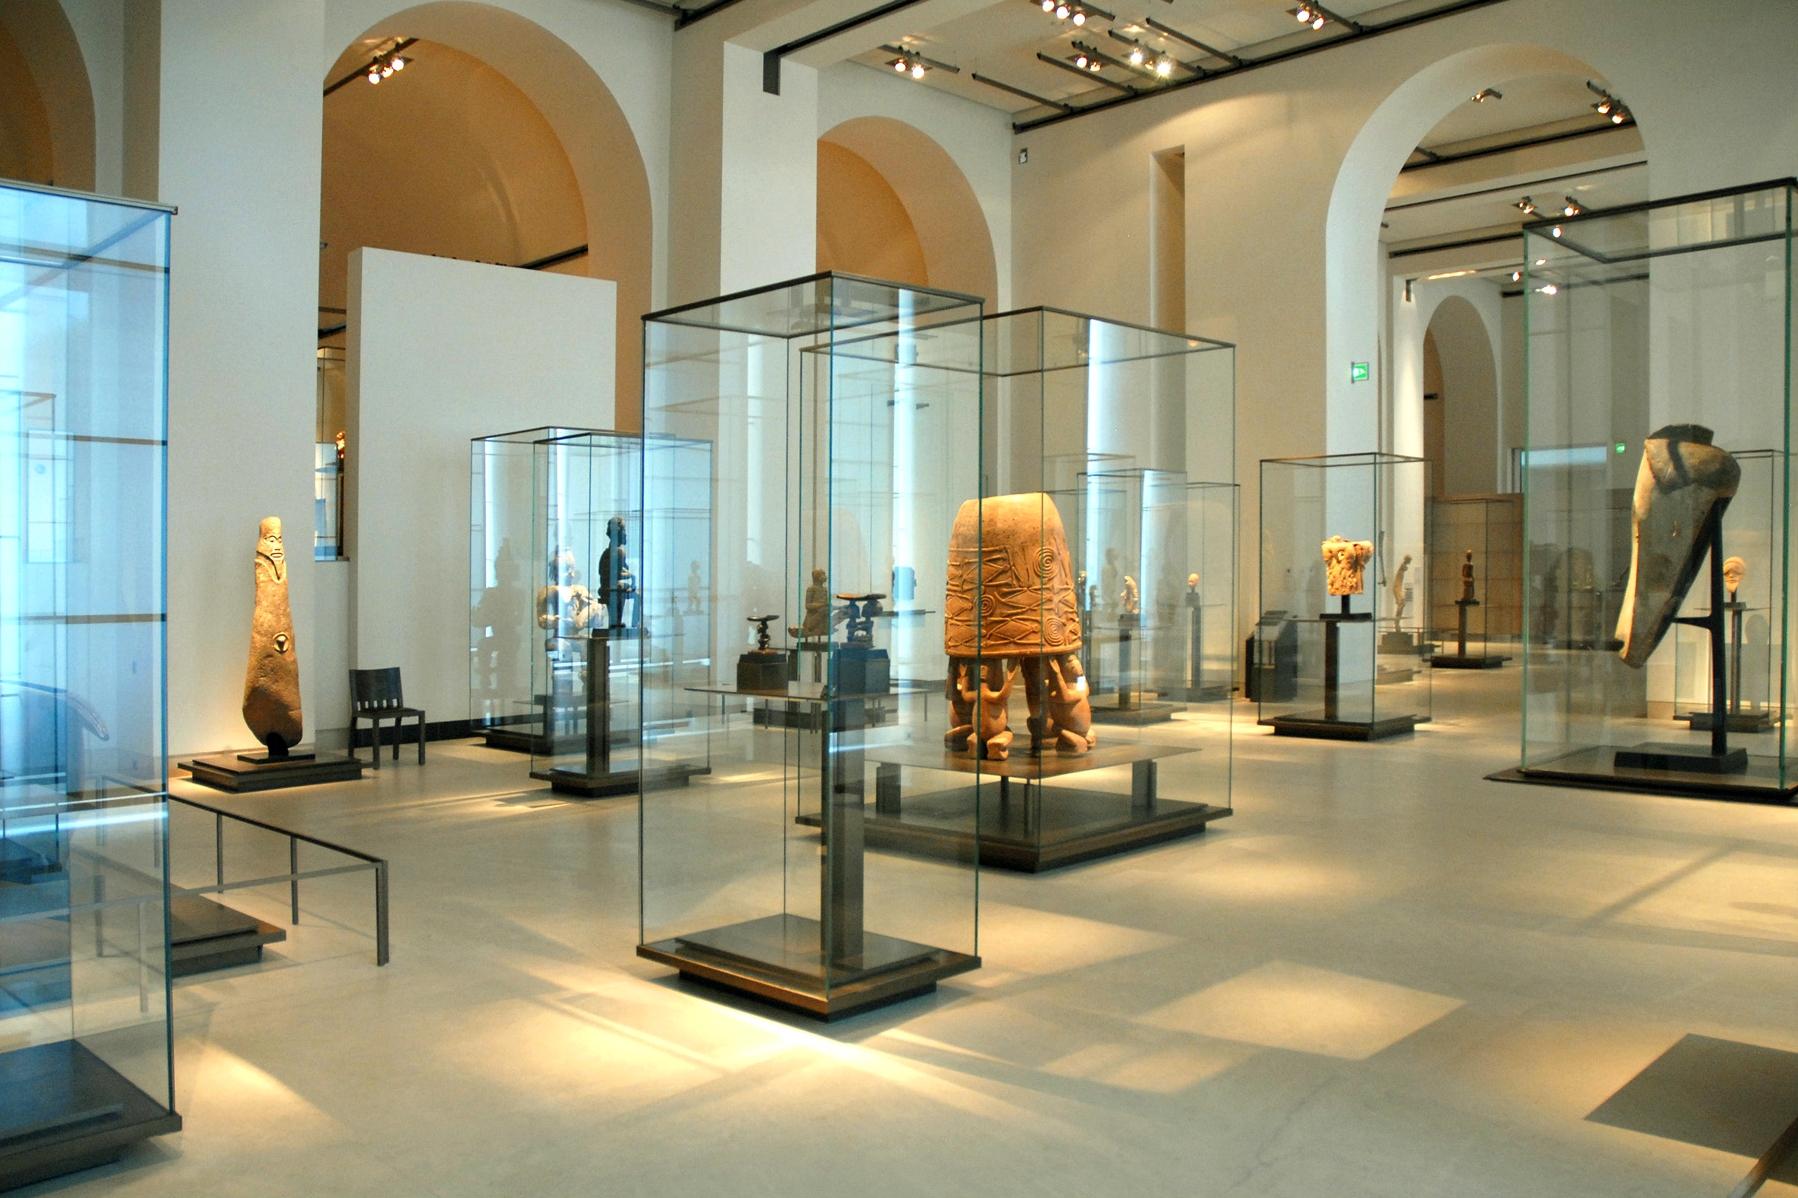 L'Afrique au Louvre : une visite guidée par l'Espace culturel gacha